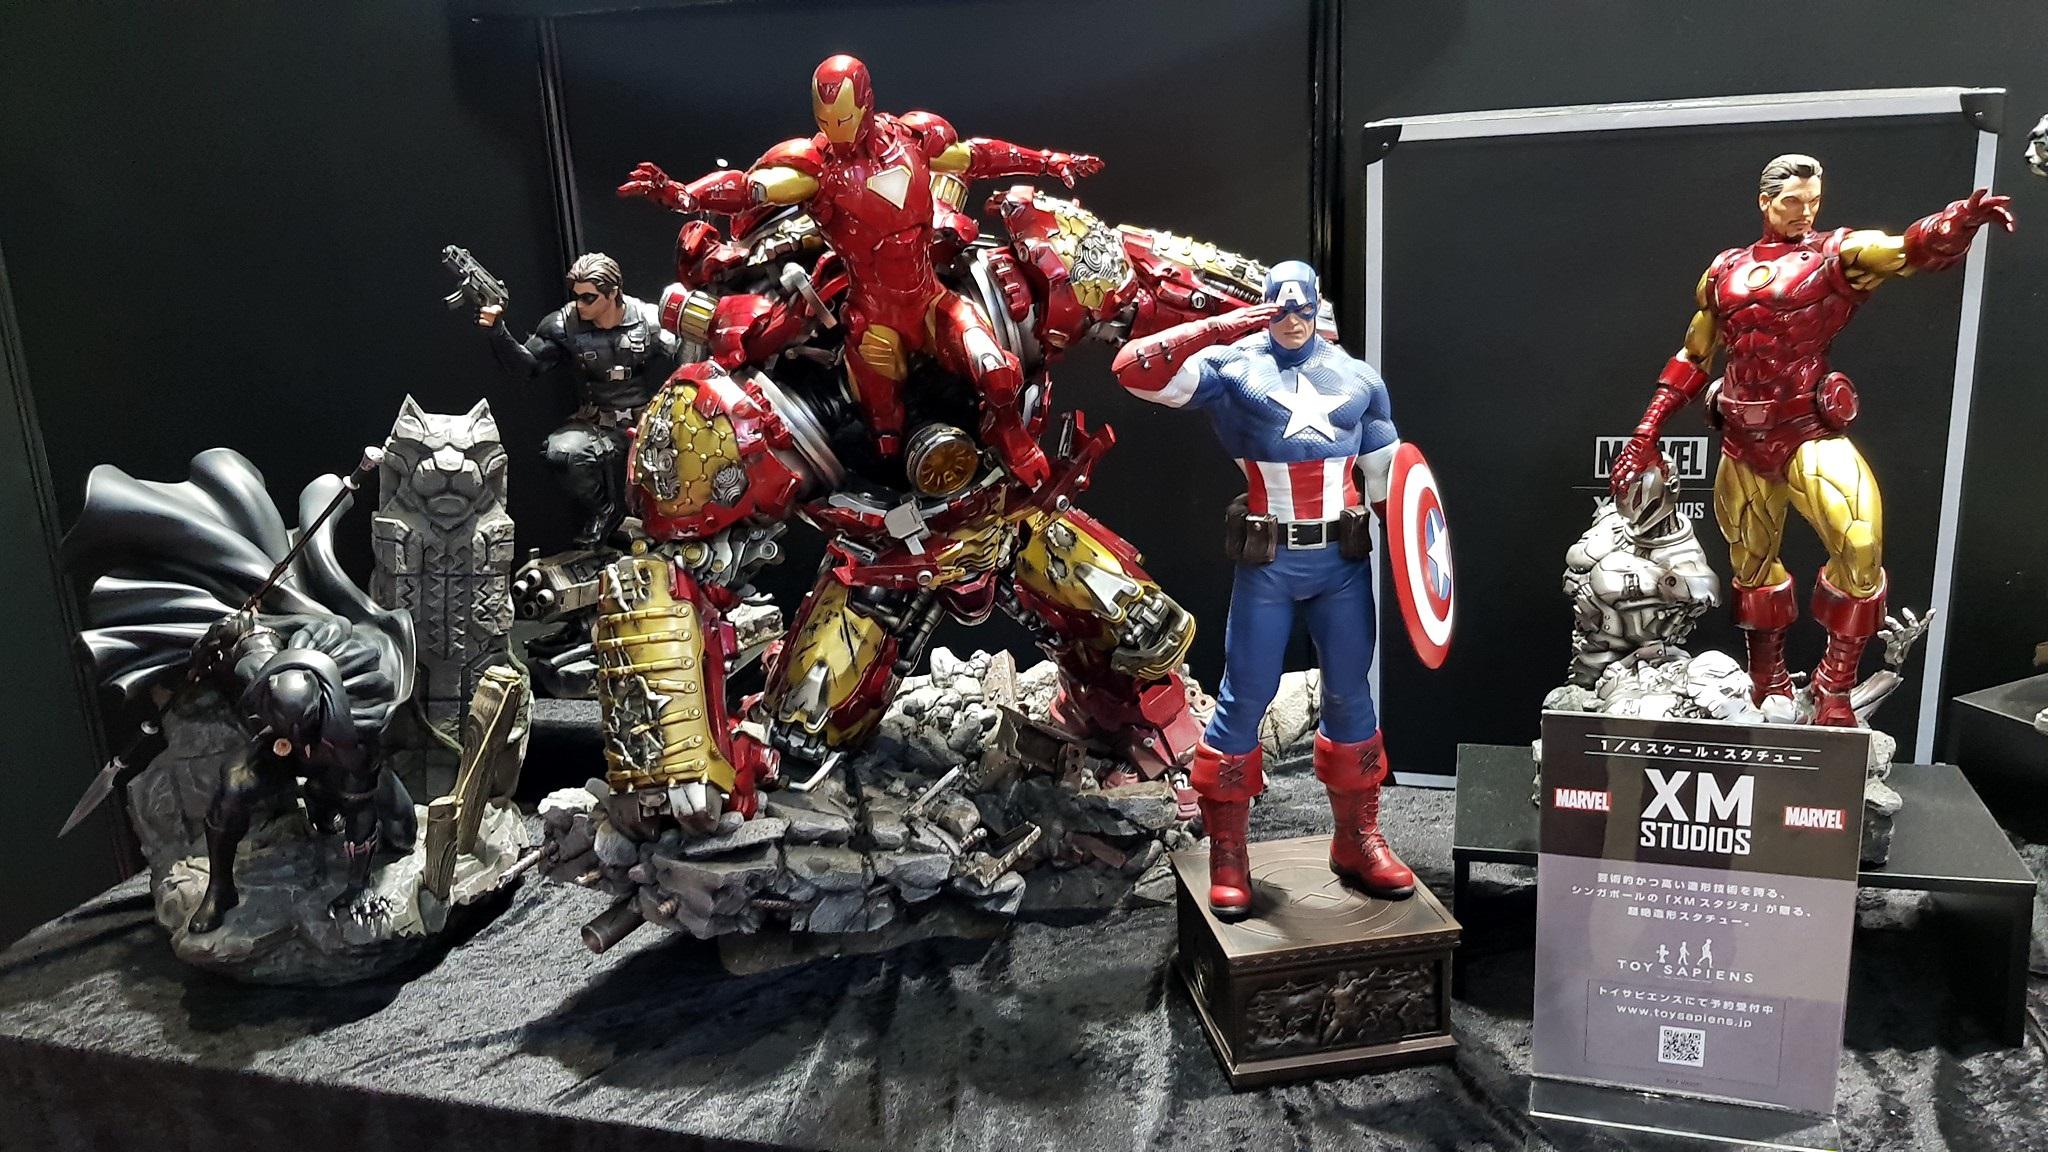 XM Studios: Coverage Tokyo Comic Con 2017 - Dec 1st-3rd 24173175_101597447552v0oic